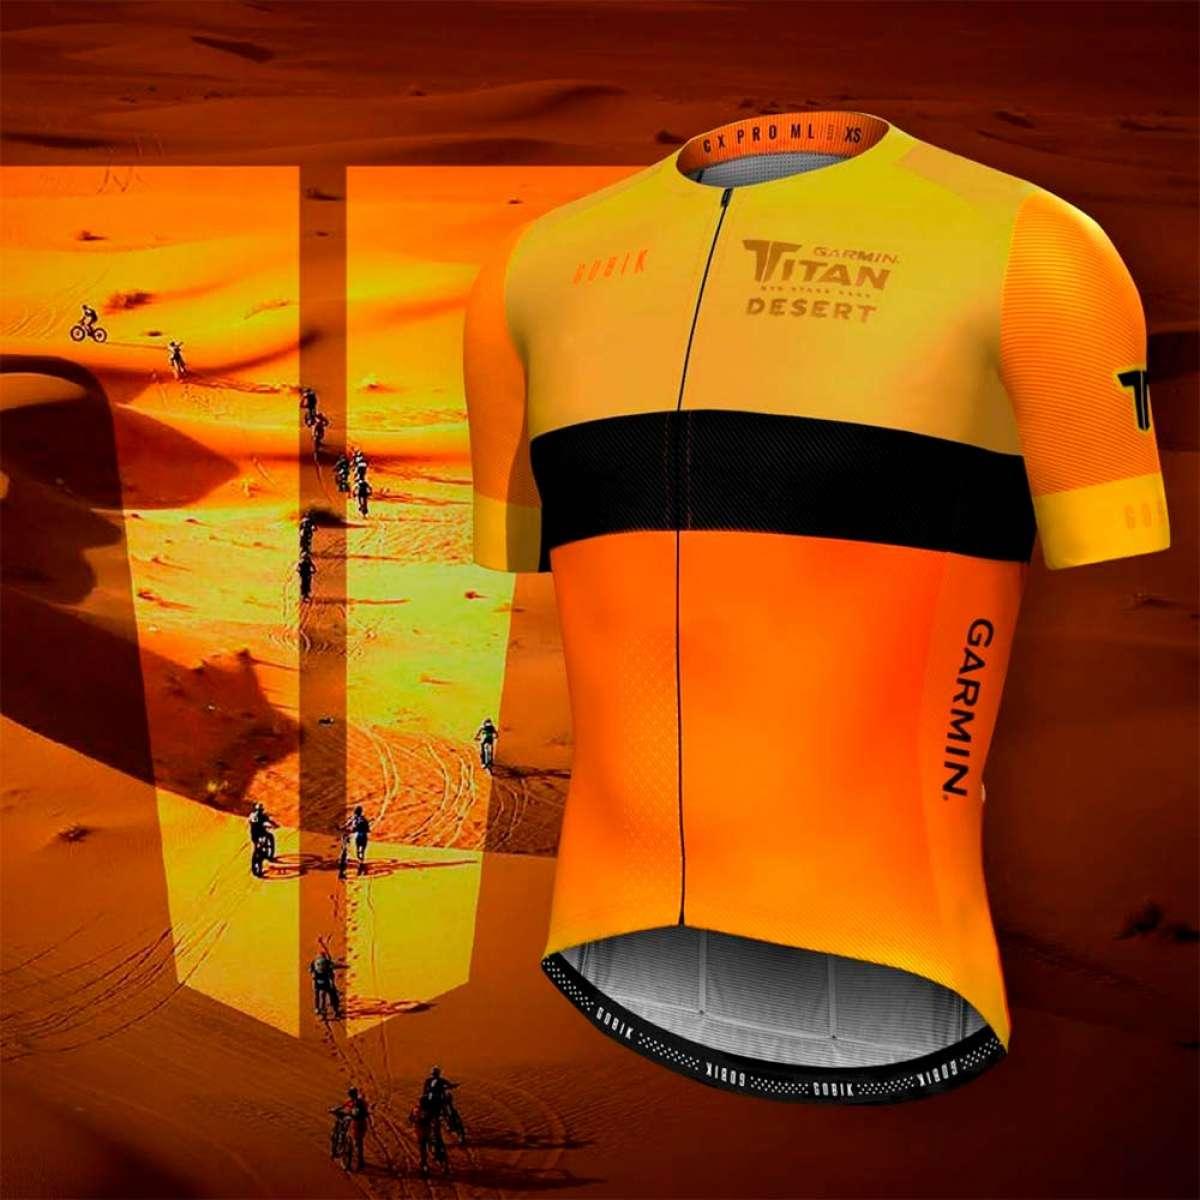 Presentado el maillot que recibirán todos los participantes de la Garmin Titan Desert 2019